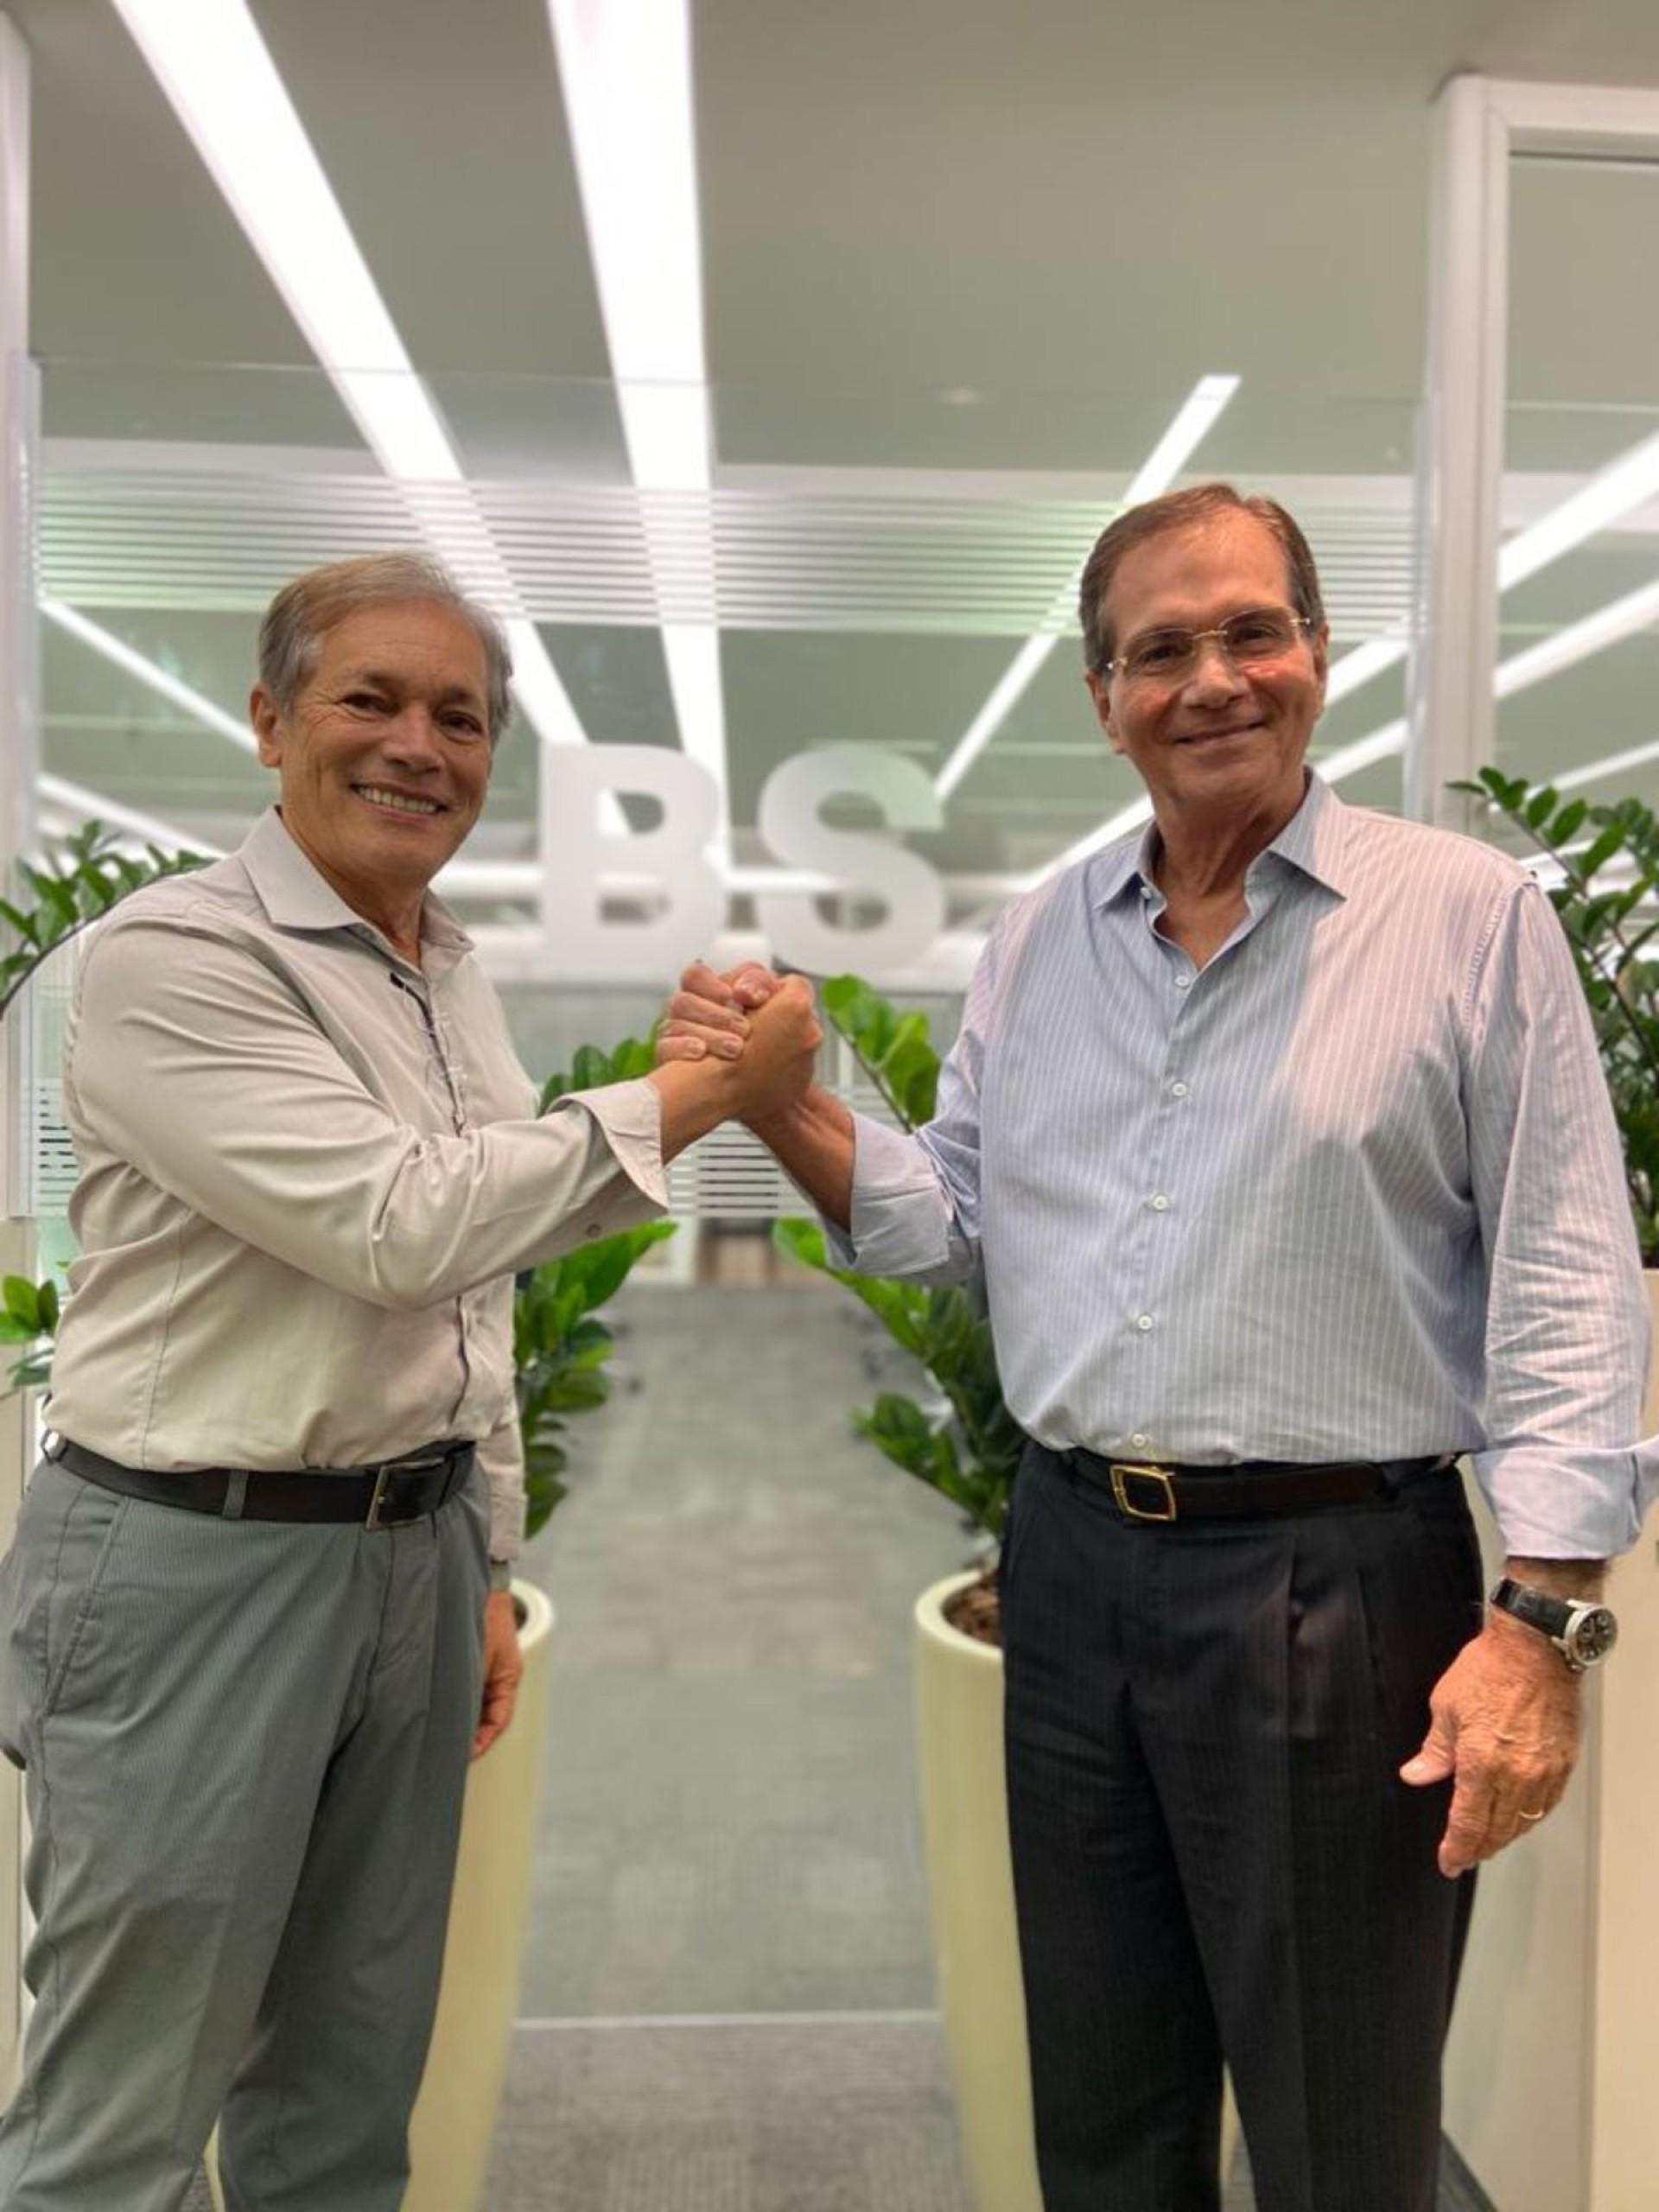 Otacílio Valente e Beto Studart: parceria em novo empreendimento (Foto: divulgação)